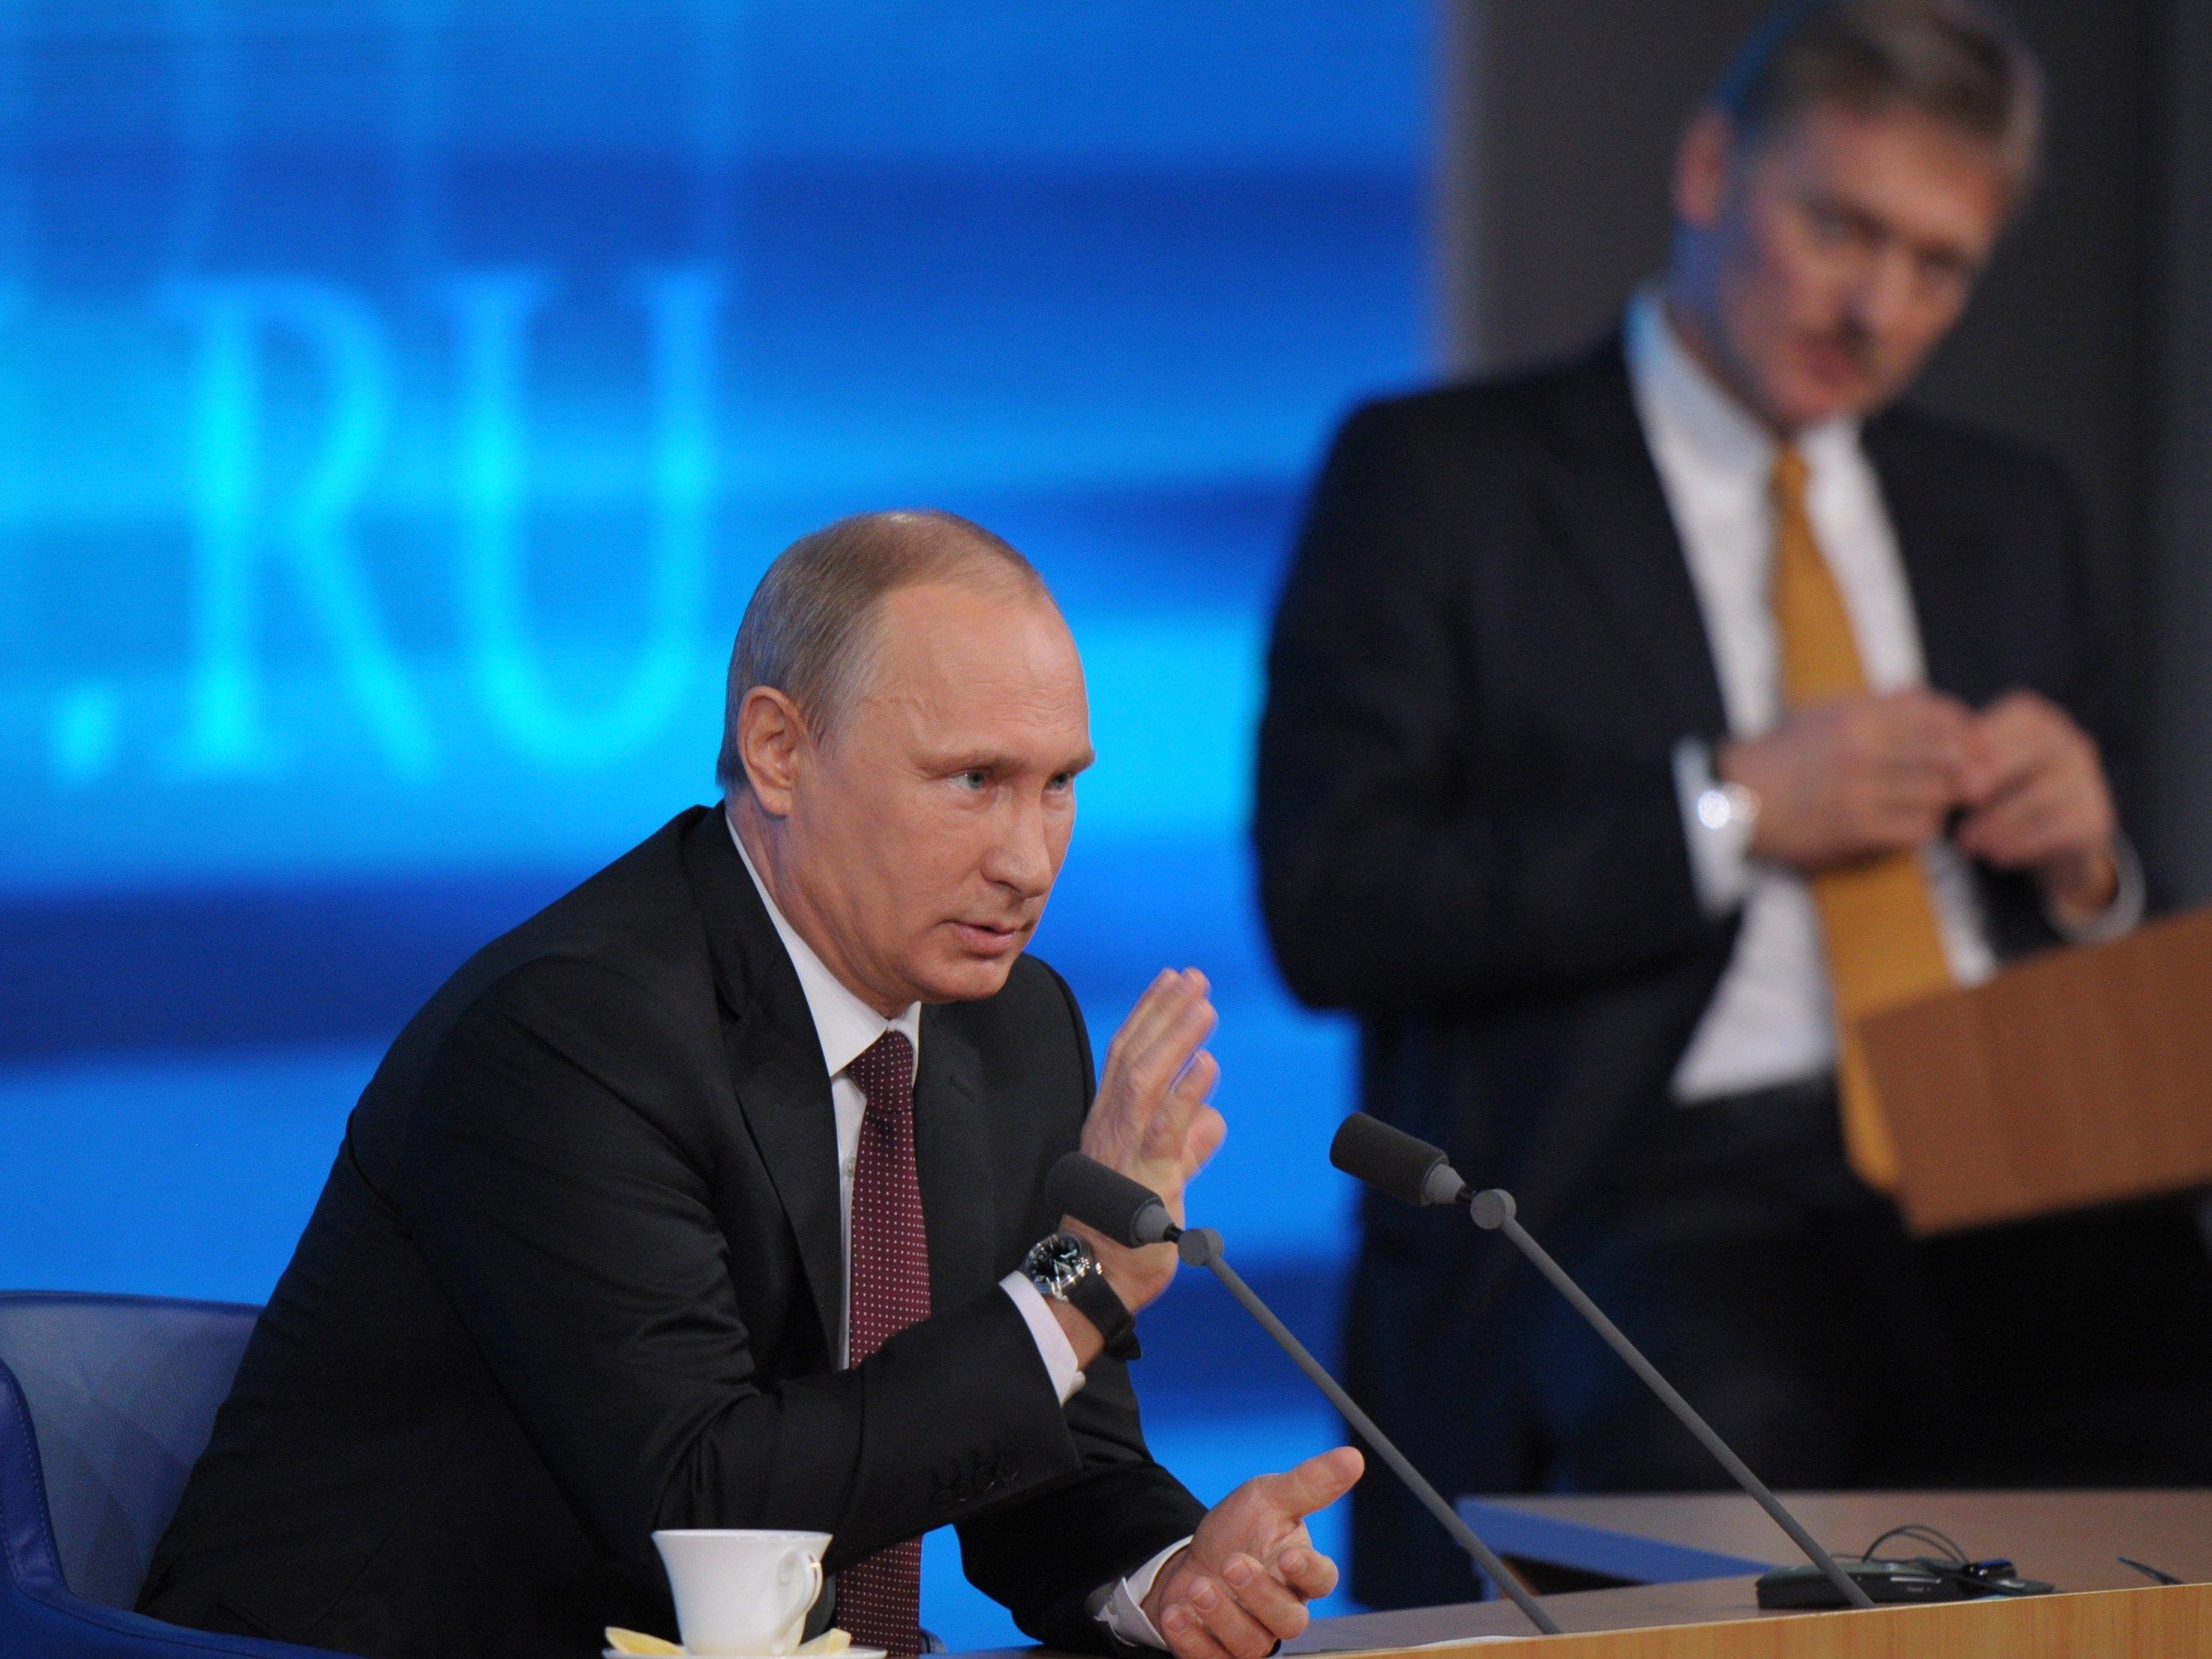 Кремль отреагировал надемонизирующий РФ и Владимира Путина фильм CNN